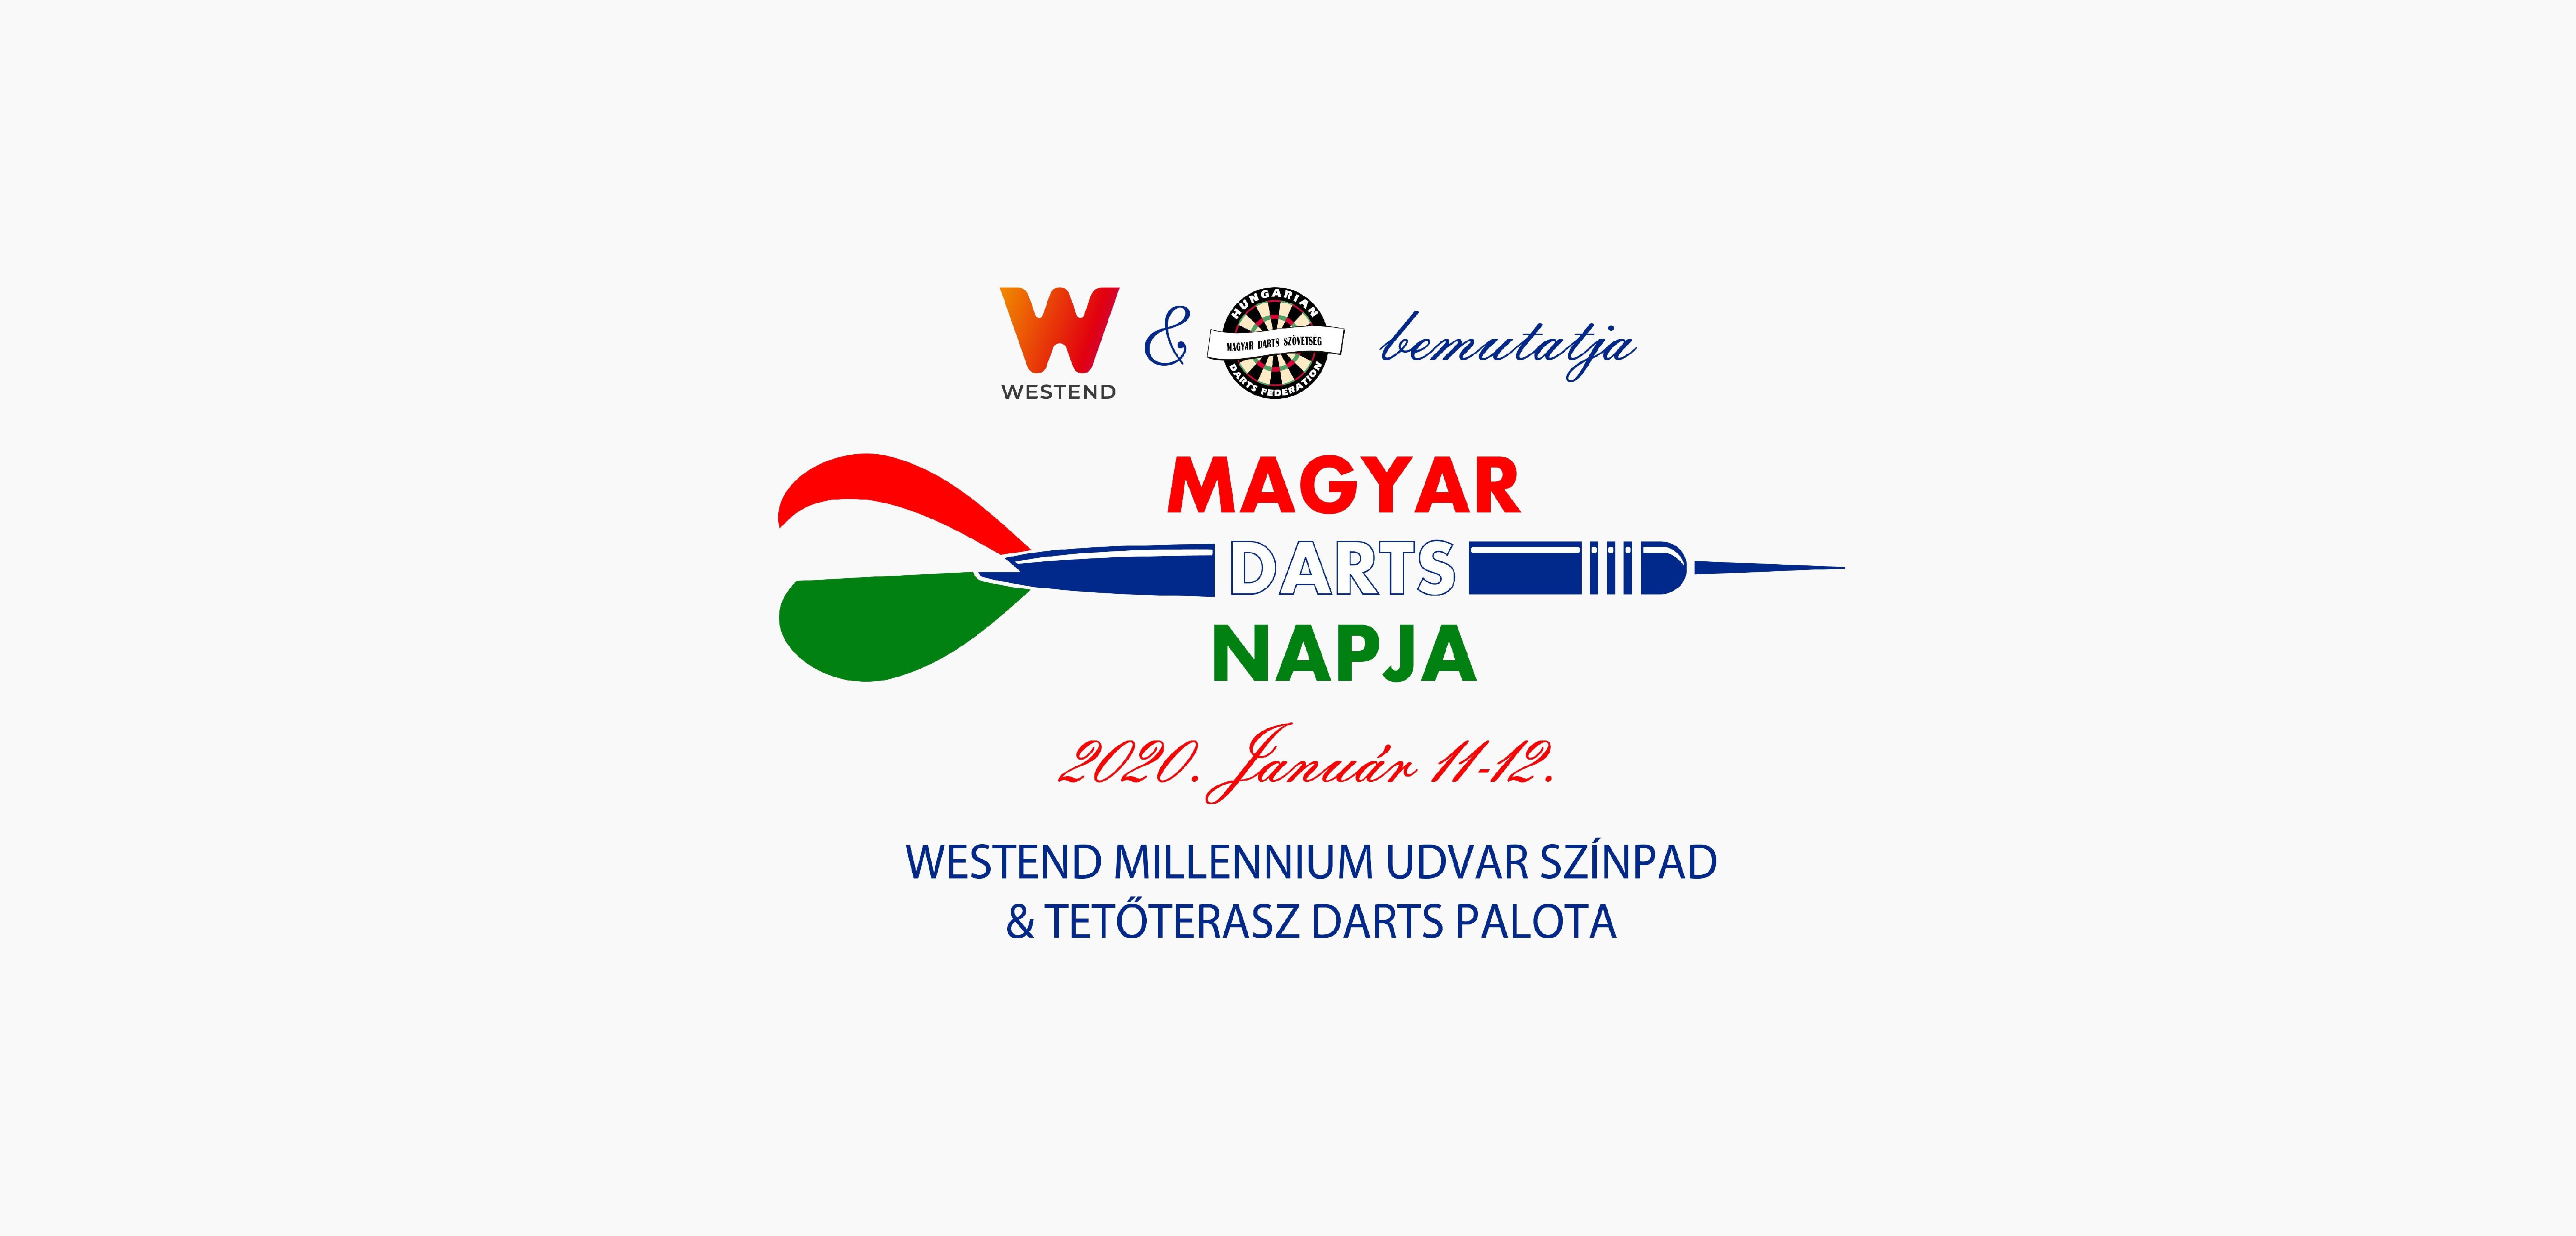 Magyar Darts Napja